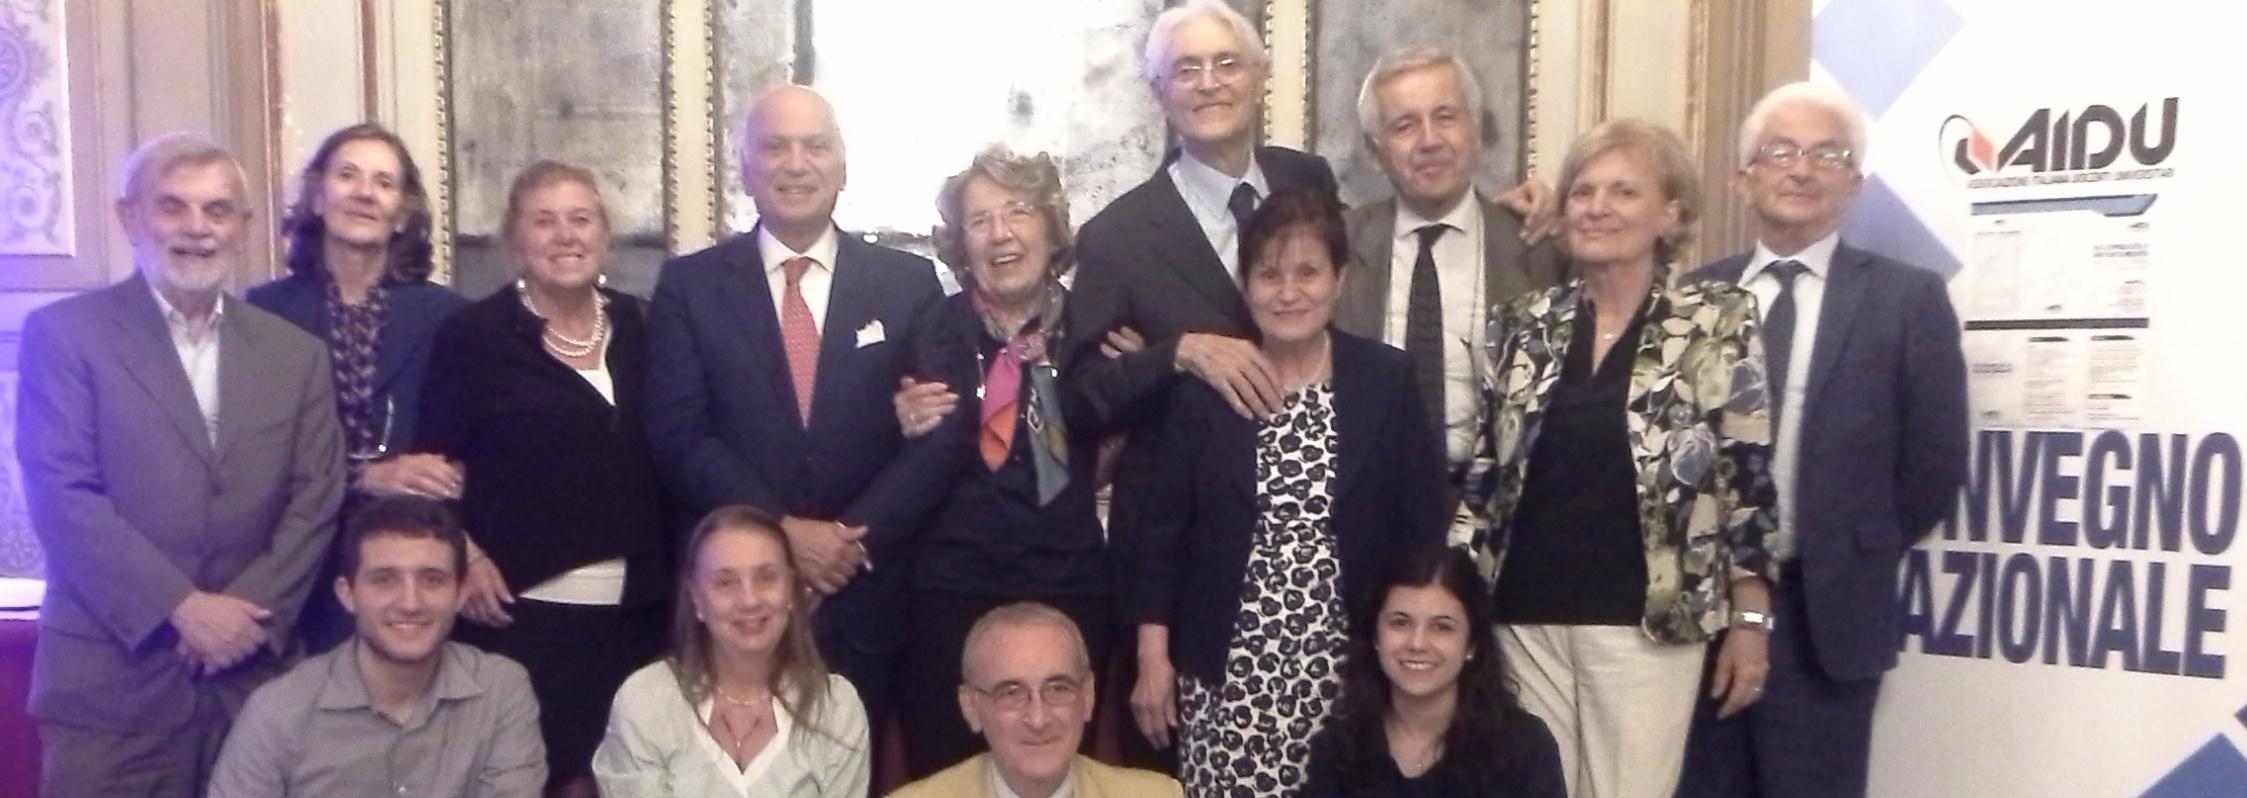 """AIDU Premio """"Humboldt-Newman"""" 2018 a Luciano Corradini, Fondatore dell'AIDU"""